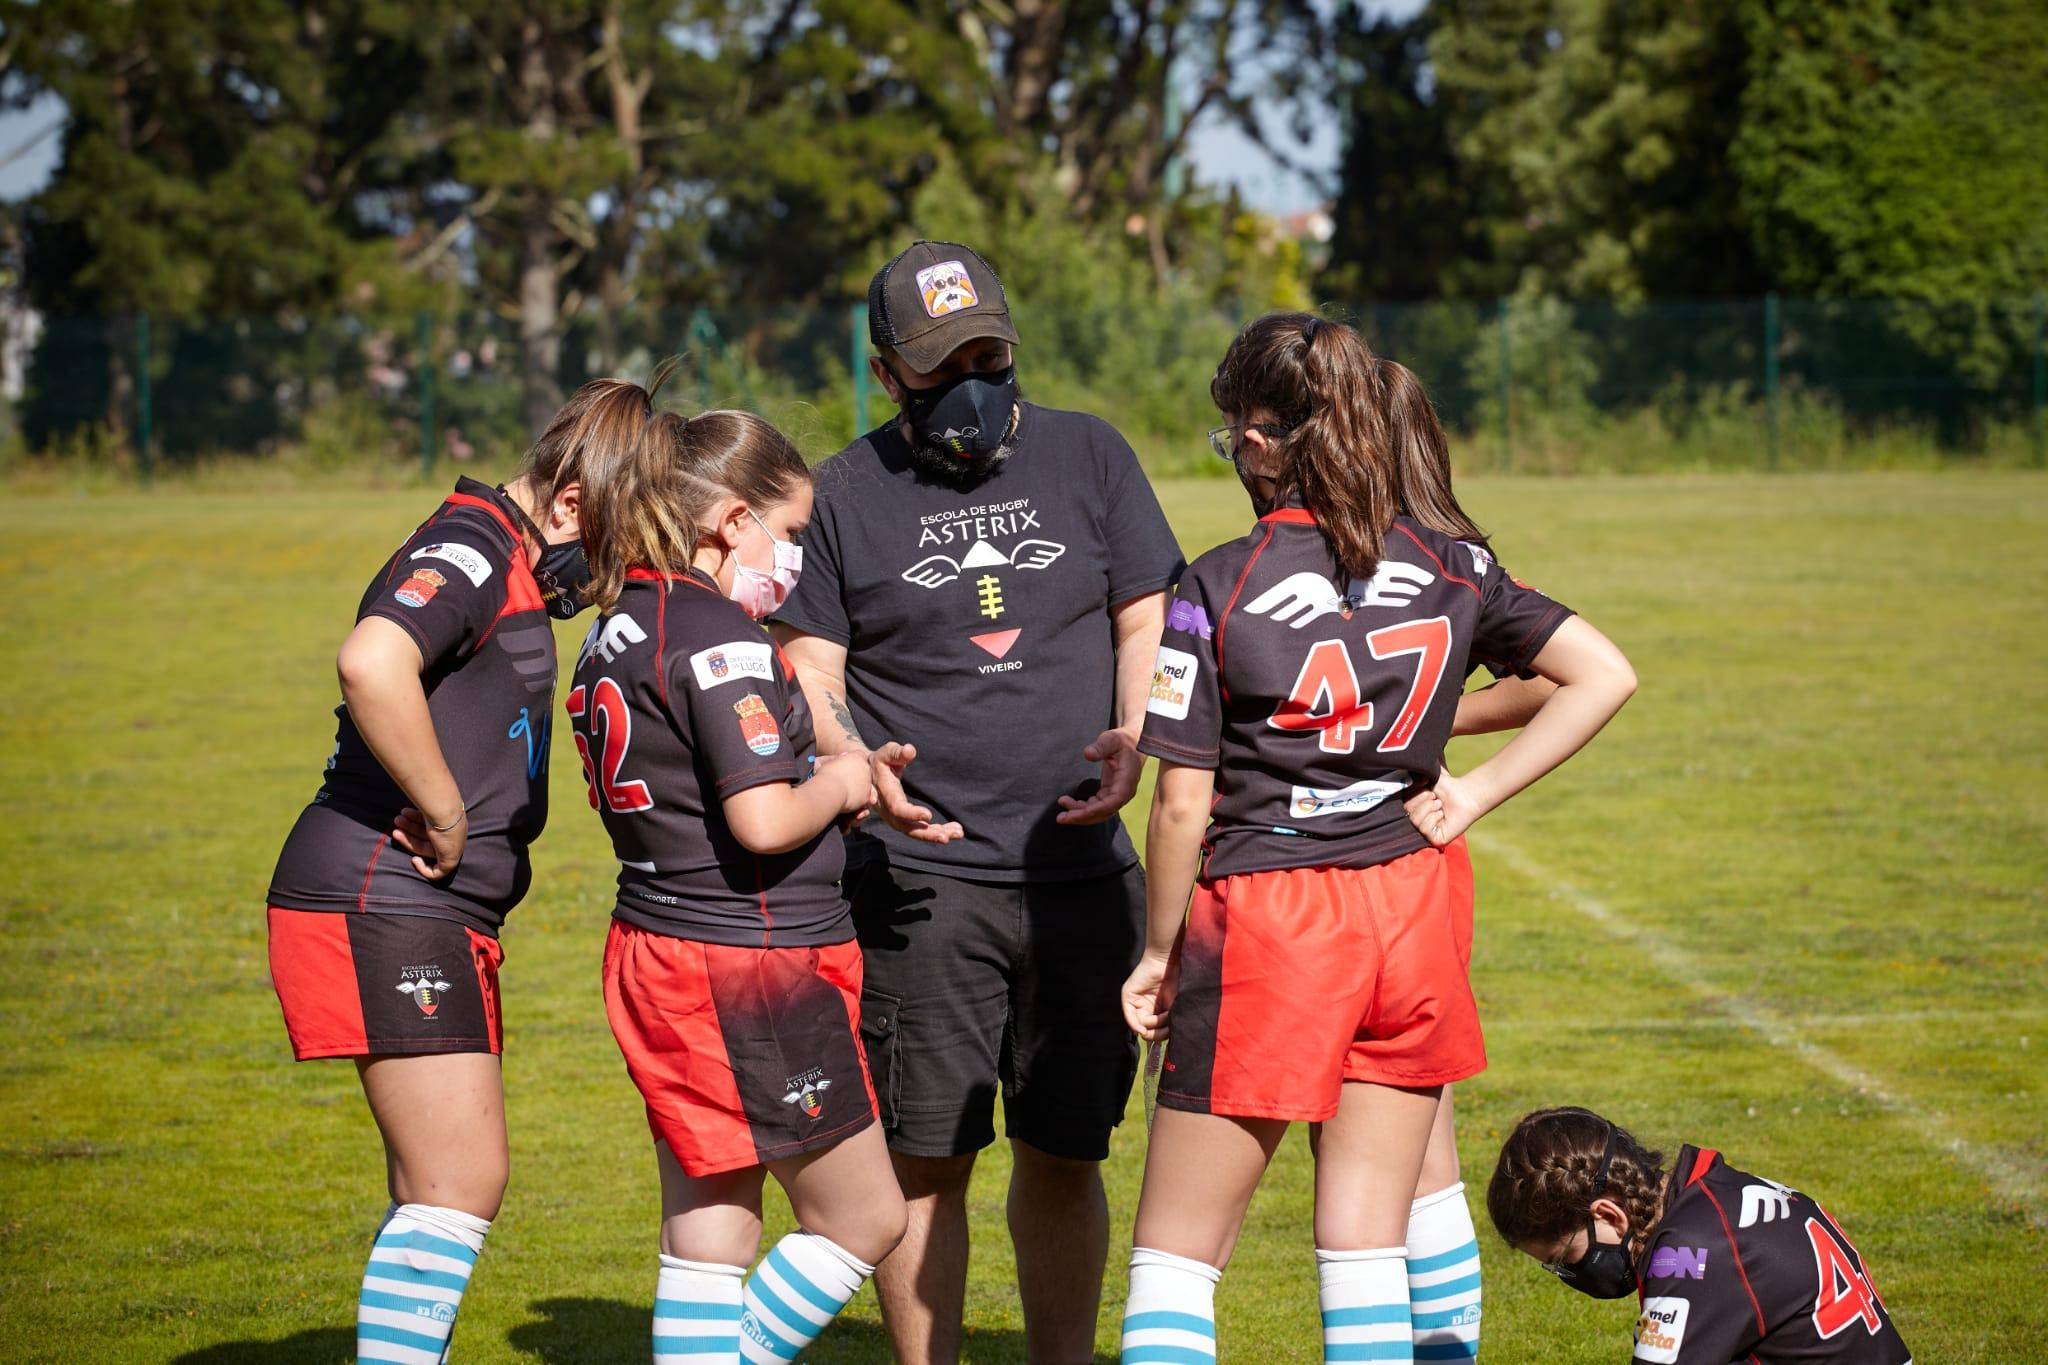 A Escola Rugby Asterix Viveiro / CEDIDA